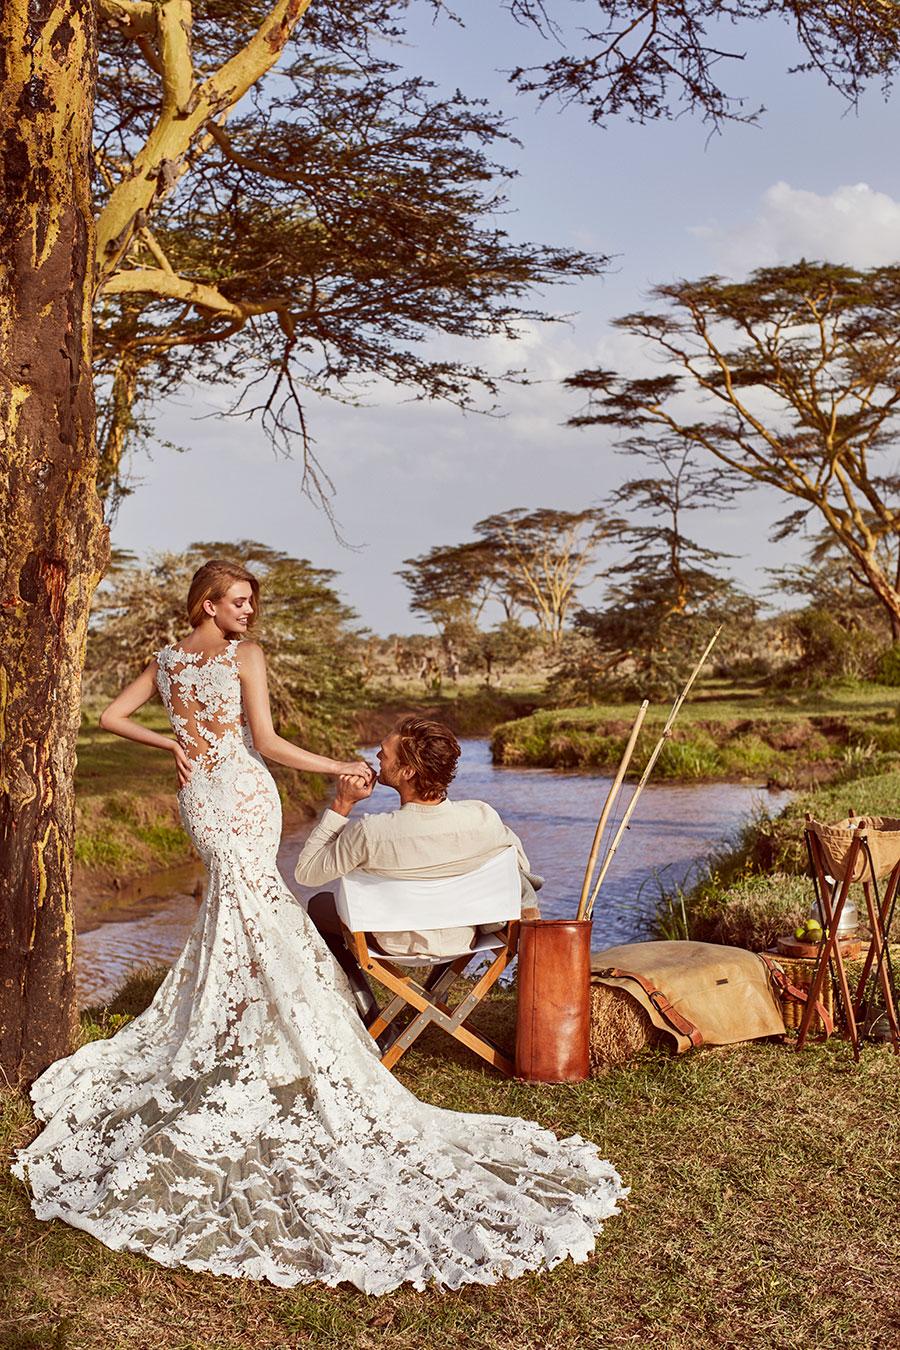 a trendy life weddings pronovias nueva coleccion 20182B252852529